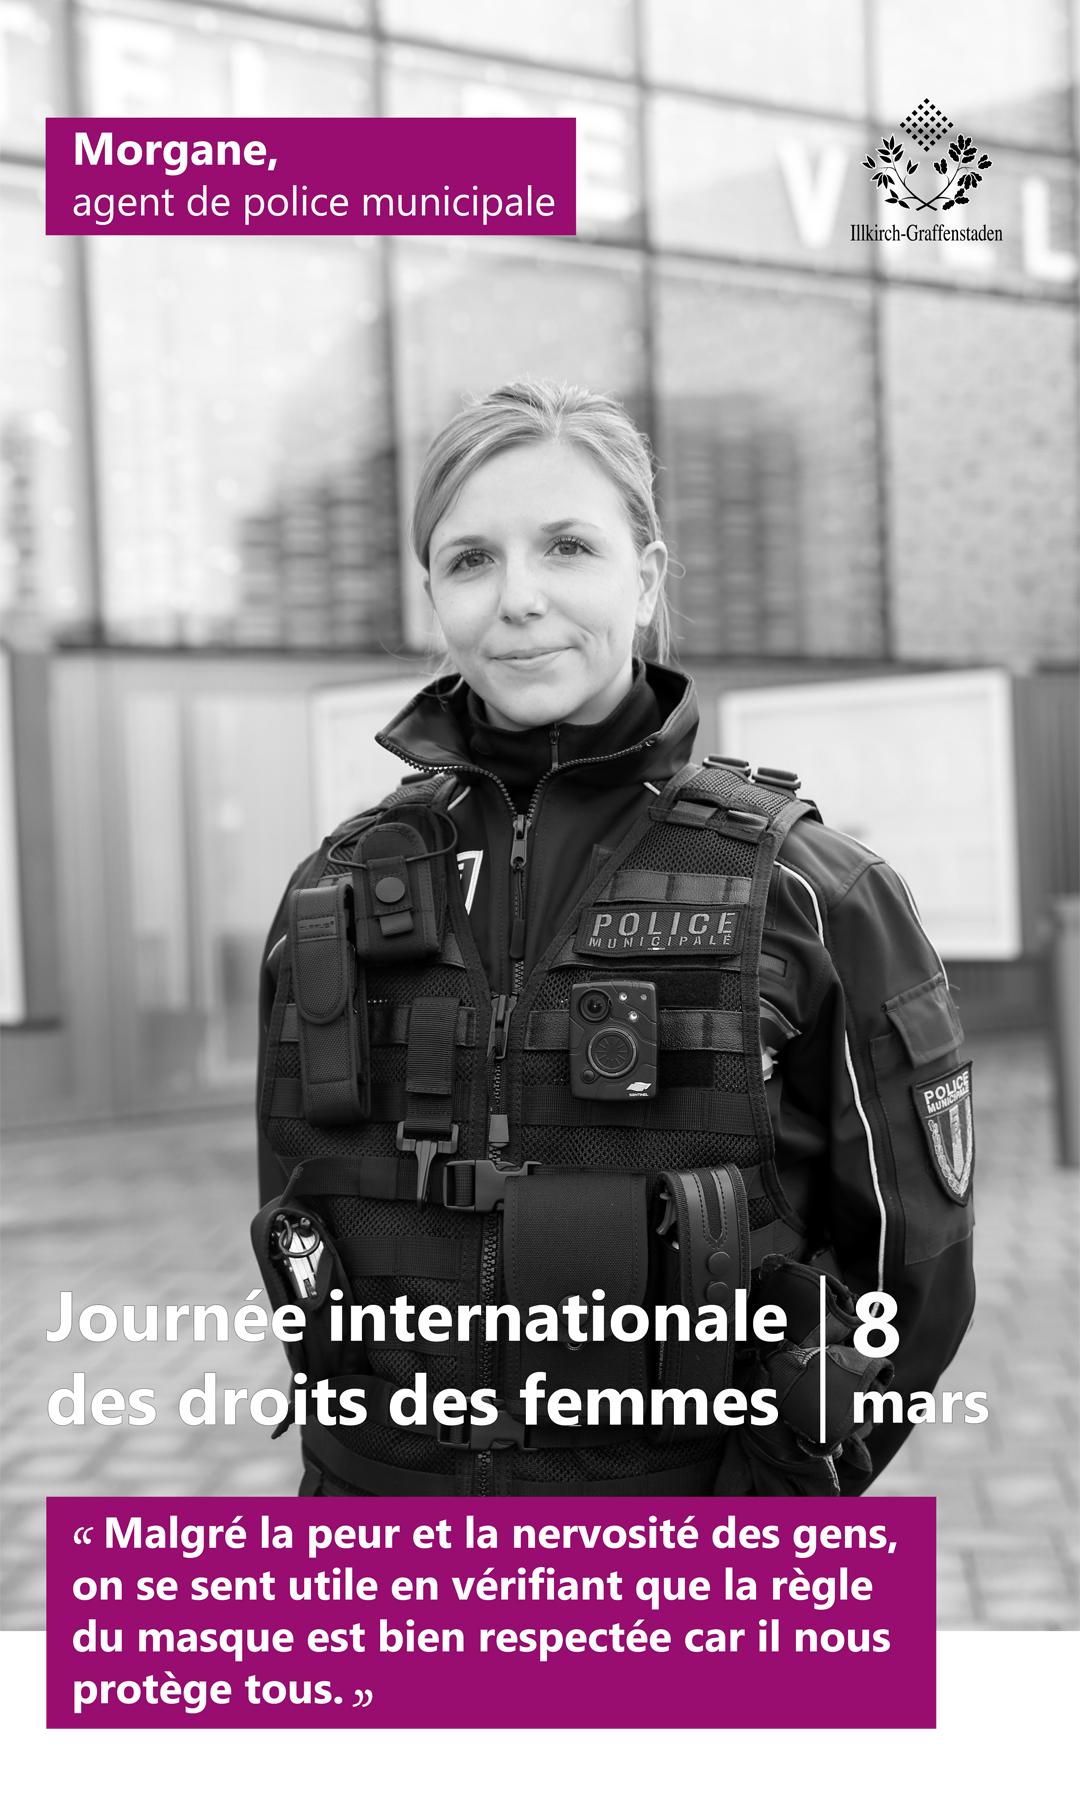 Morgane - Journée internationale des droits des femmes